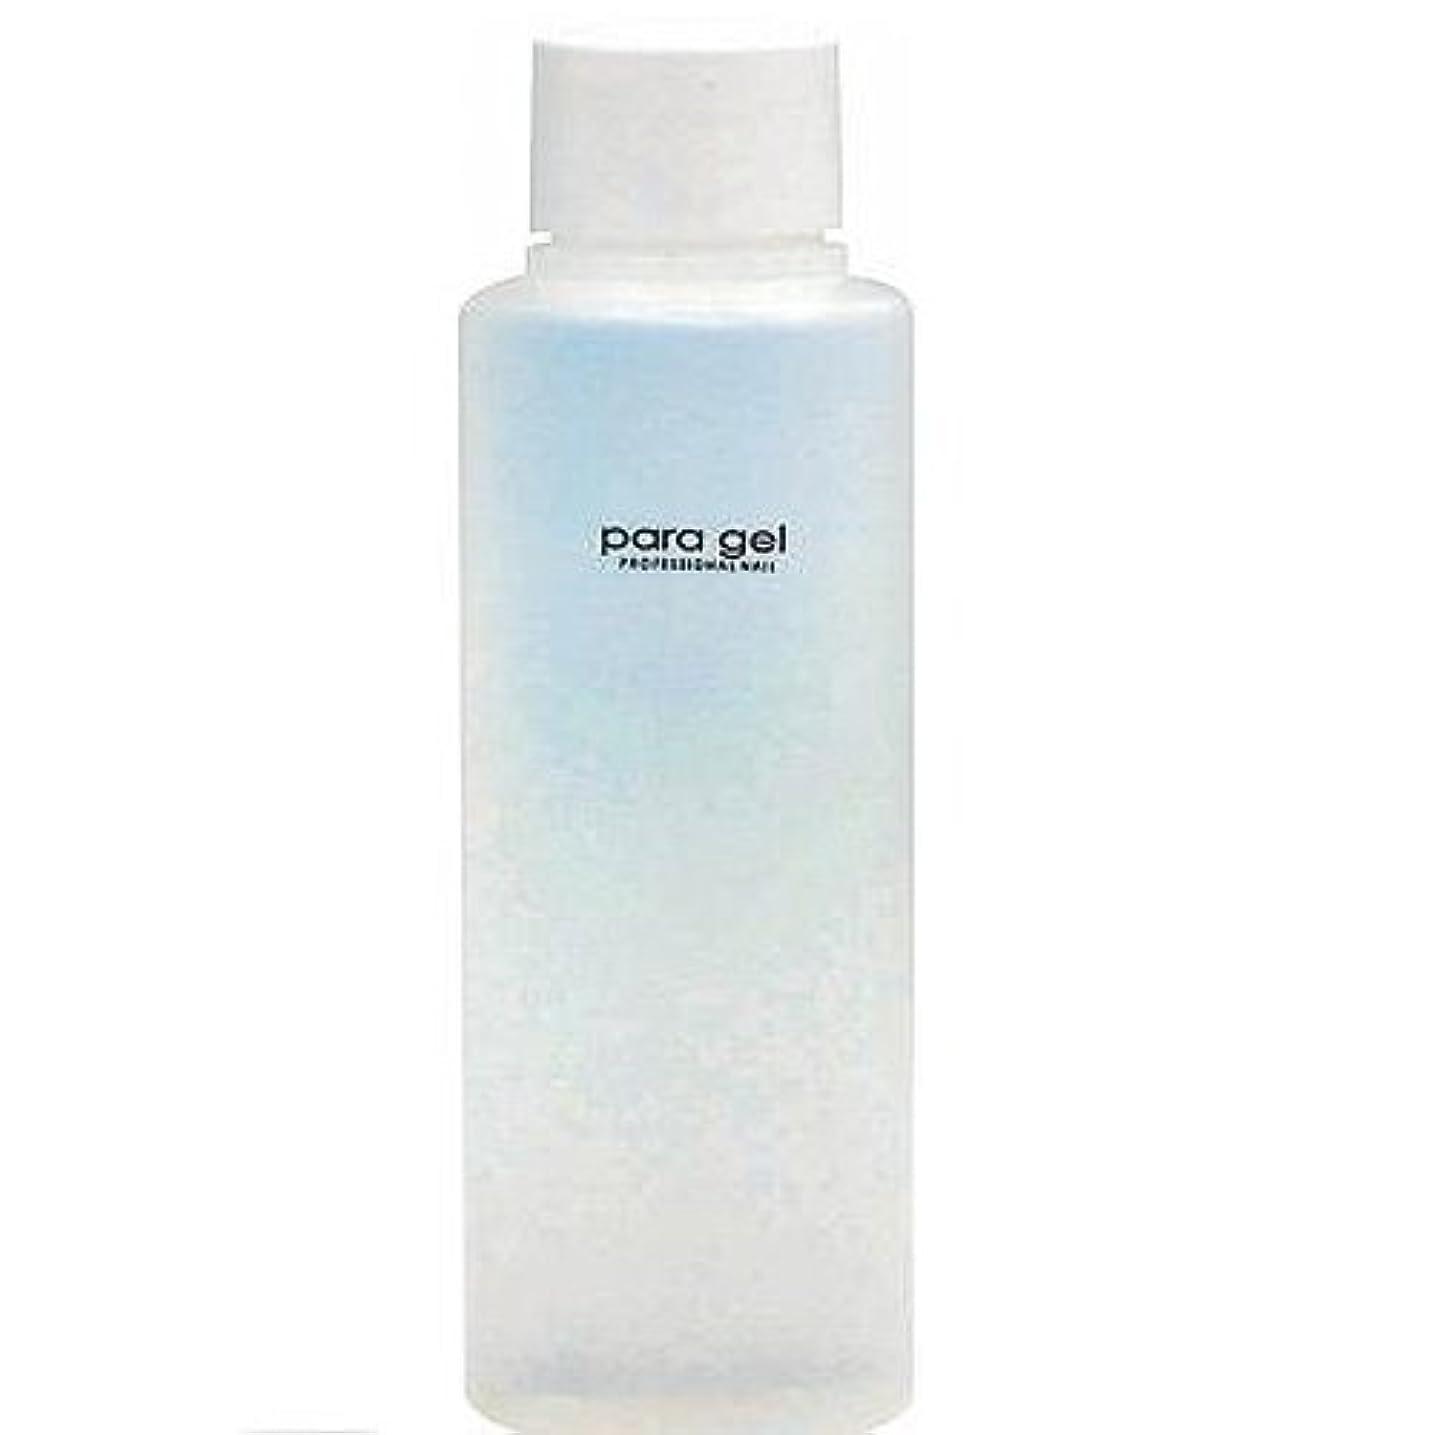 ヒール中断必要ないパラジェル(para gel) パラクリーナー 120ml